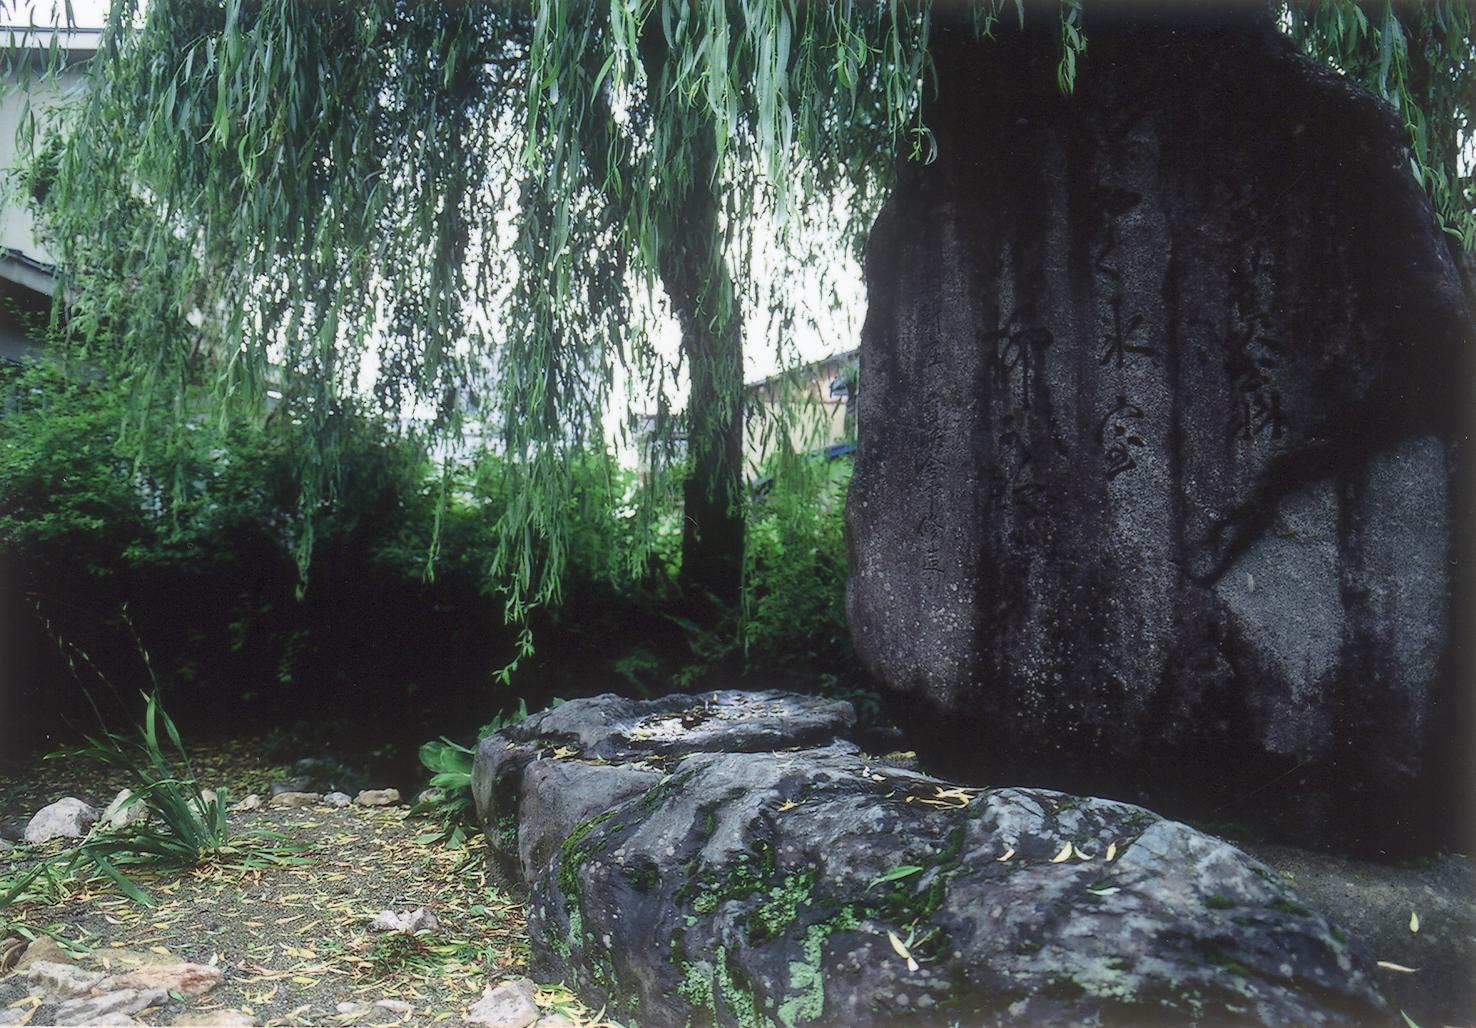 柳の清水と芭蕉「水の奥」句碑